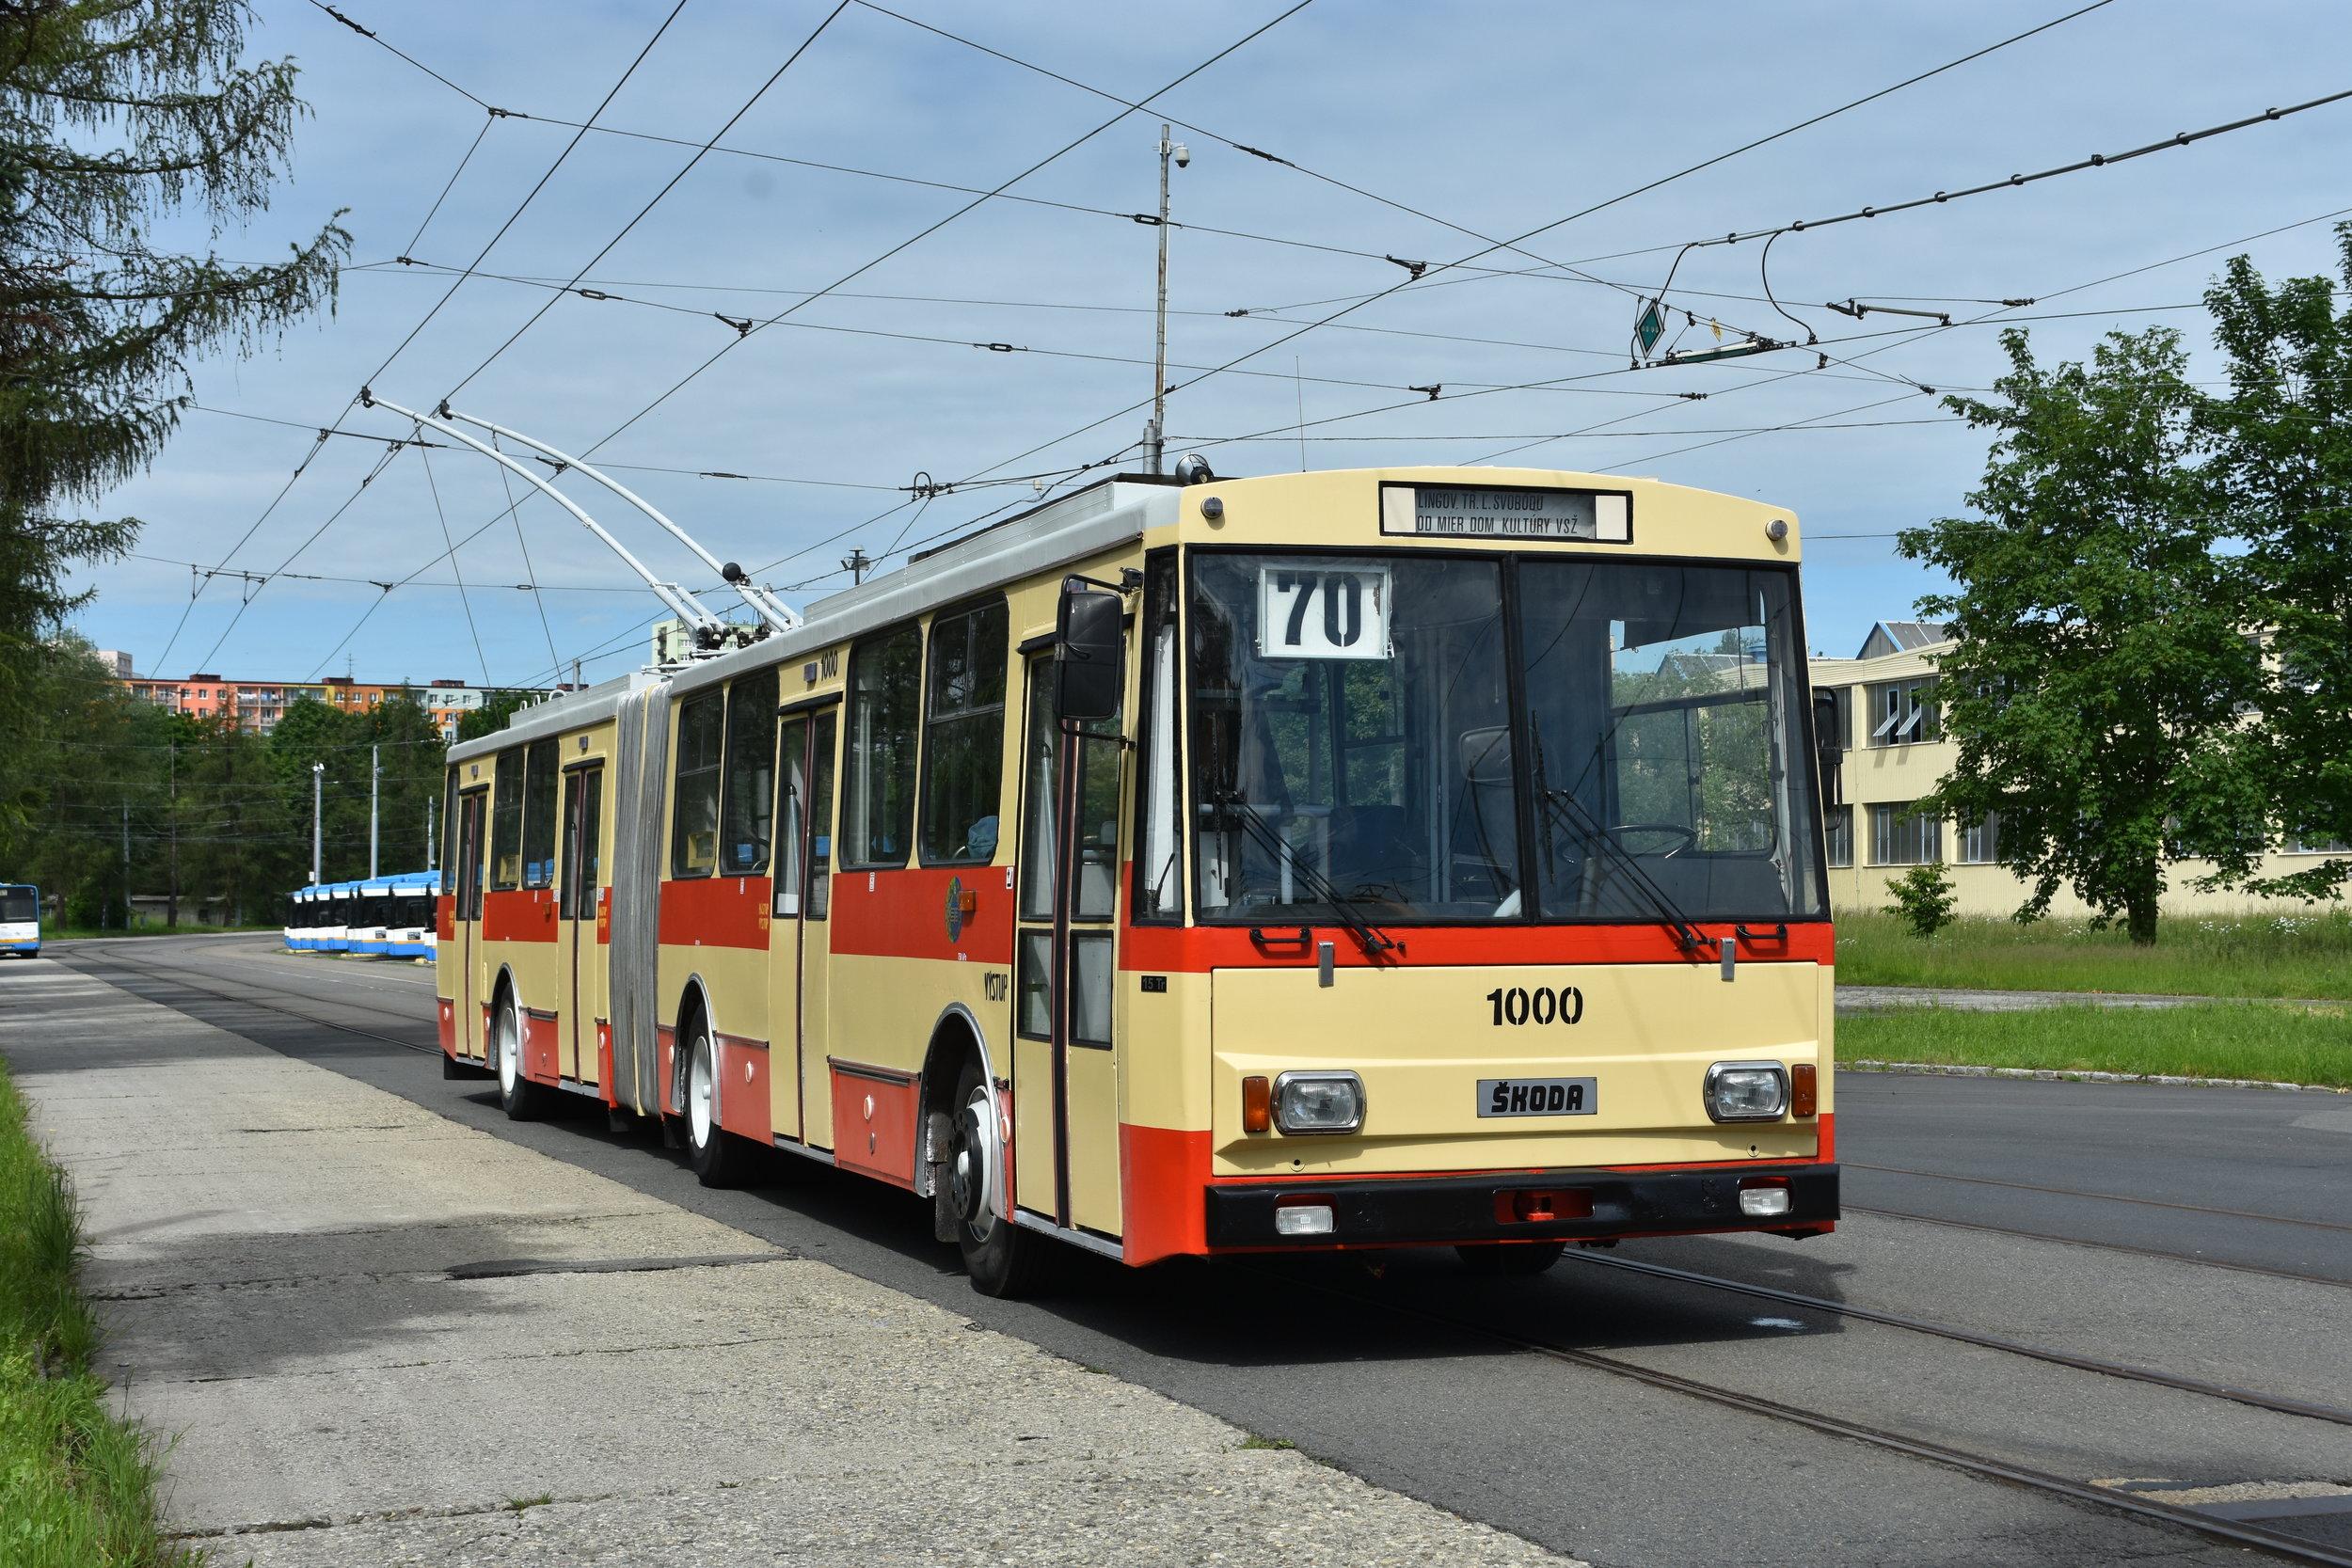 Trolejbus po dokončení opravy na zkušební dráze v areálu společnosti Ekova Electric. Z Chomutova se vůz dostal přes Opavu až do Košic. A vystřídal během toho několik barevných provedení. (foto: Libor Hinčica)